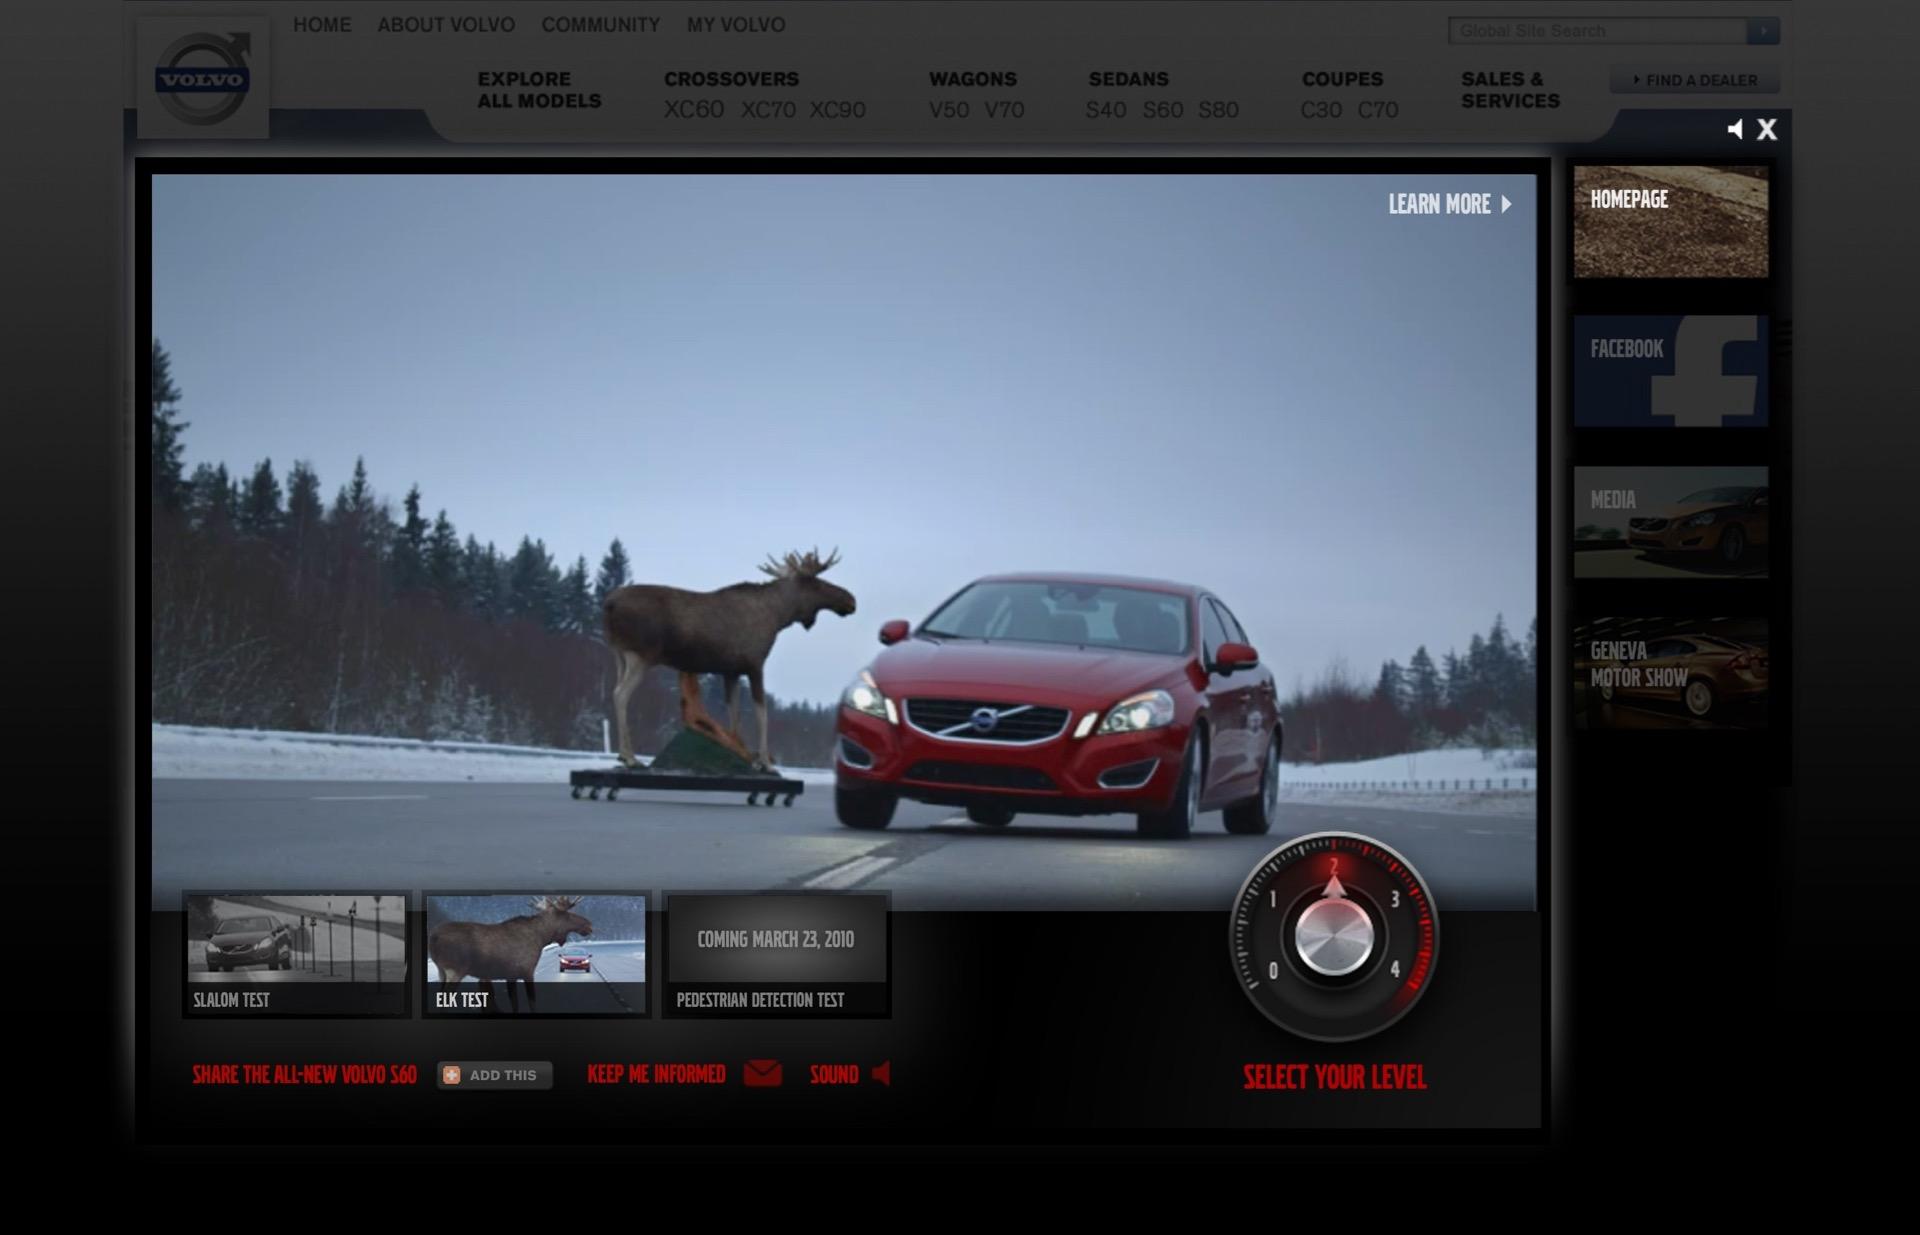 Volvo Goes Naughty02 -  Volvo